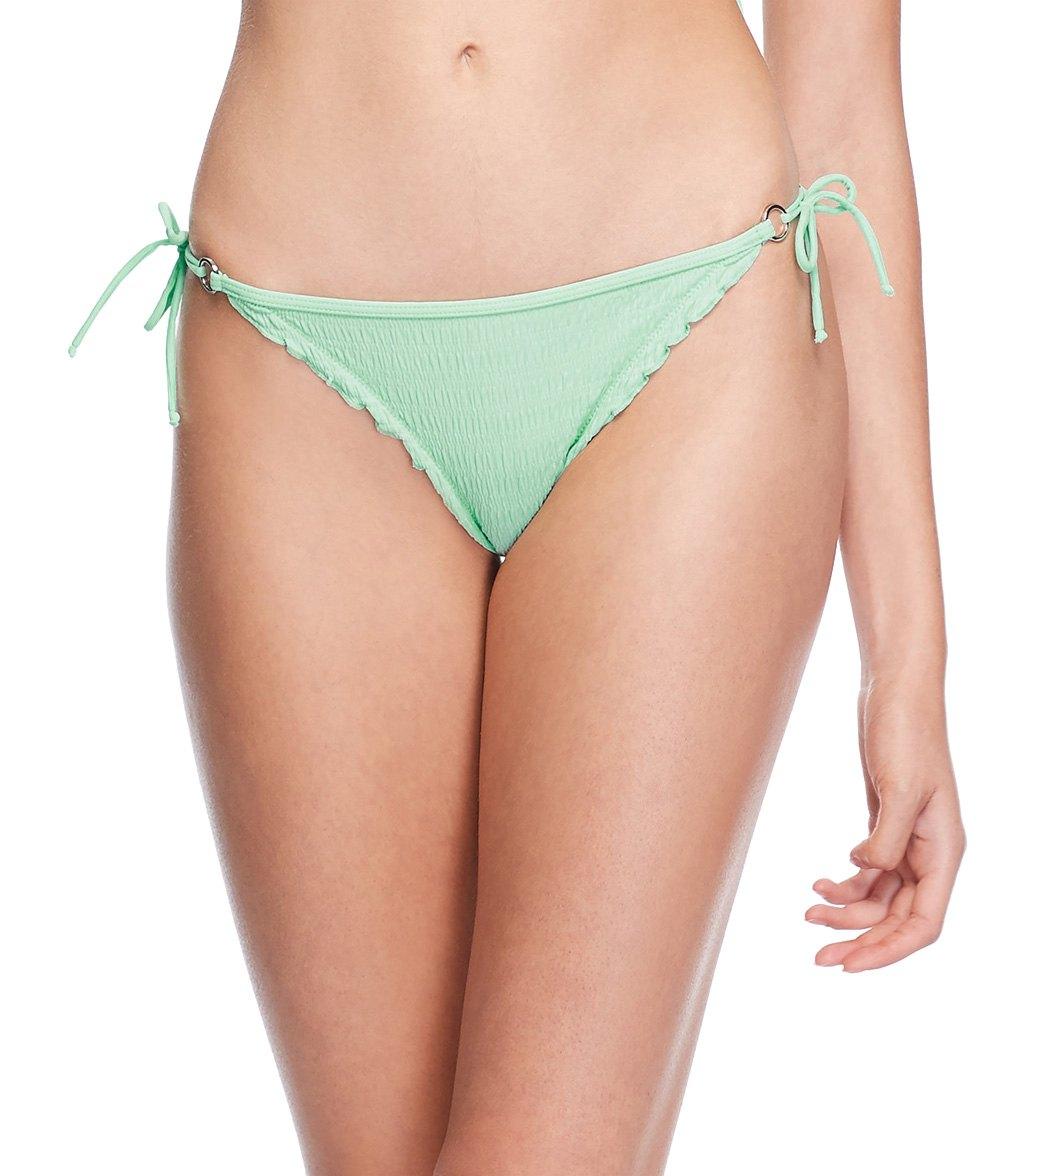 Body Glove Korcula Basilia Bikini Bottom